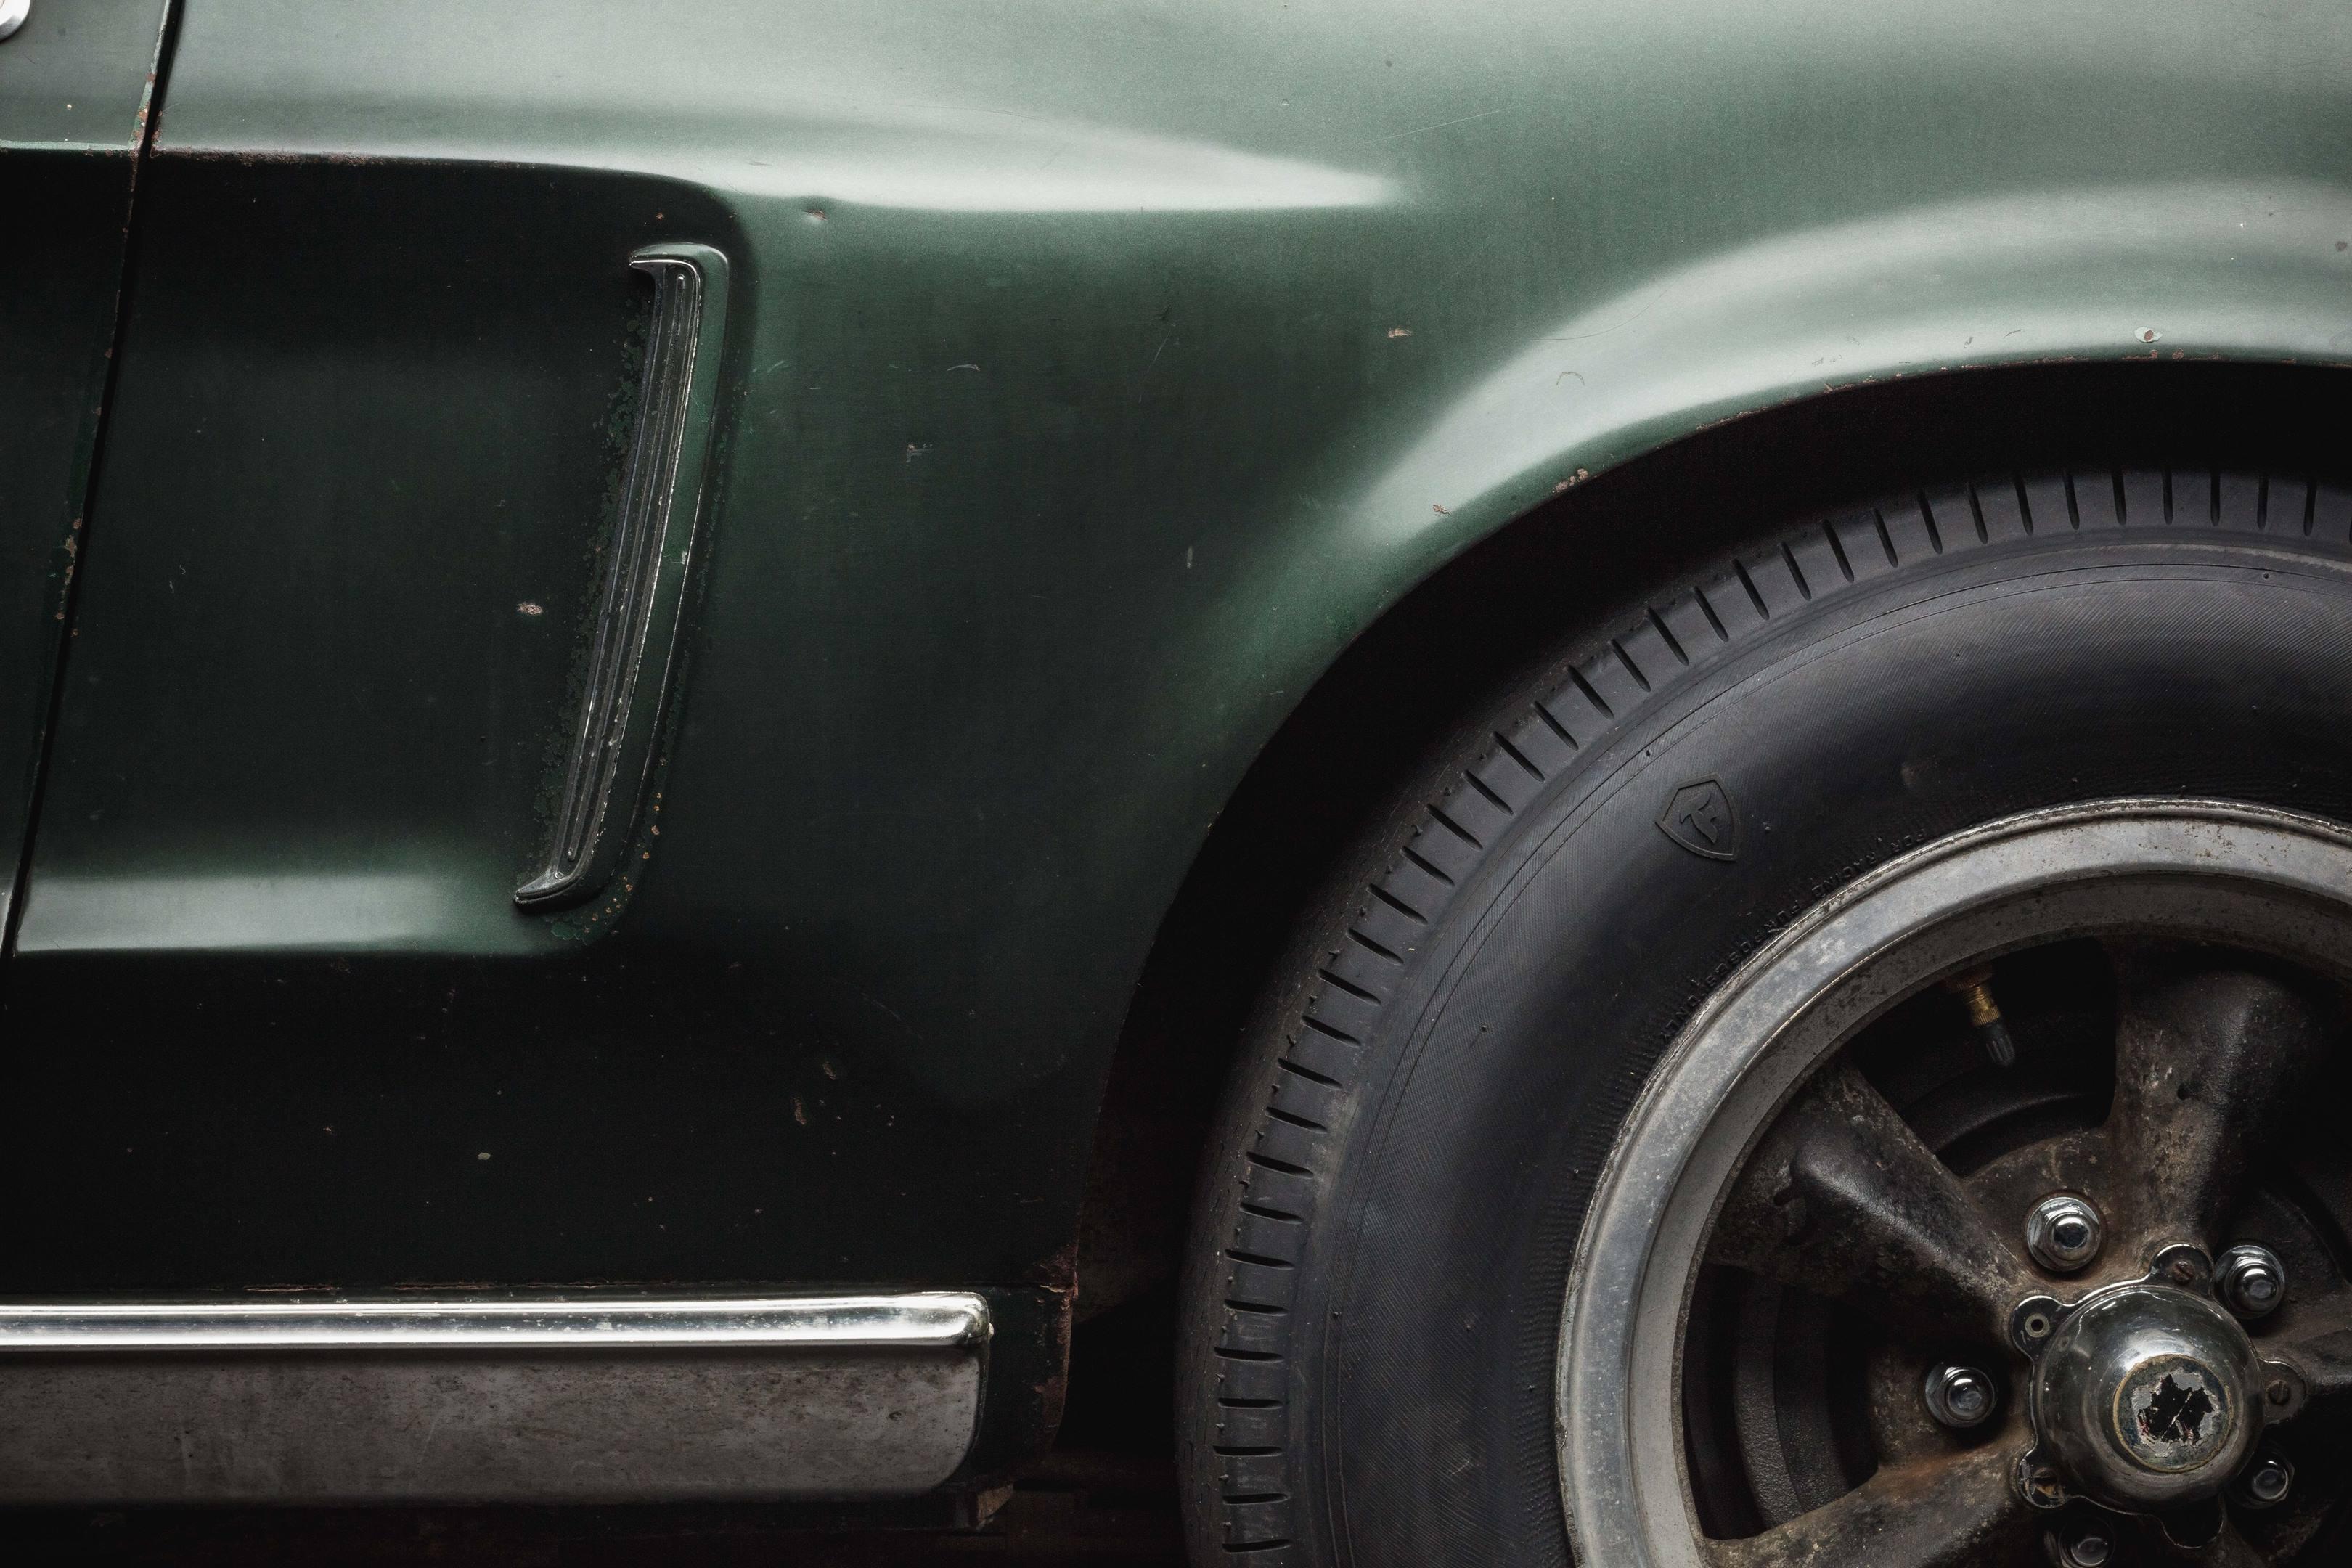 Bullitt Mustang side detail